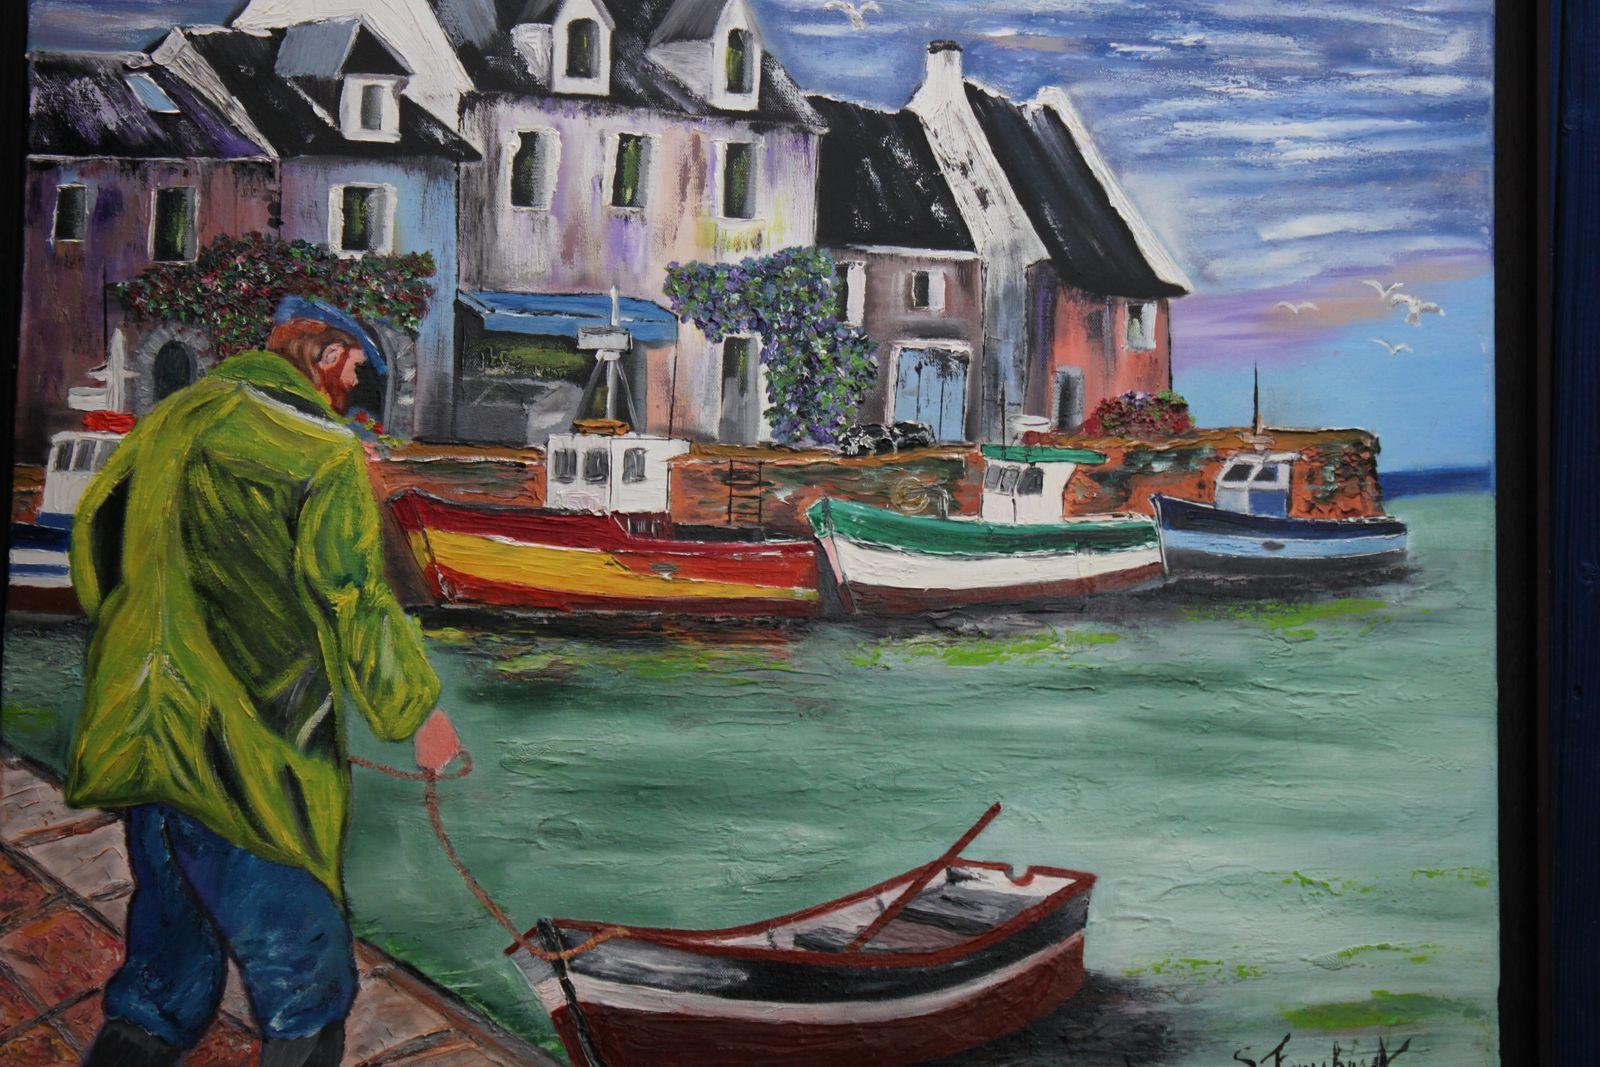 Stéphane fauchard exposait ses toiles lors du dernier salon de l'ABAP